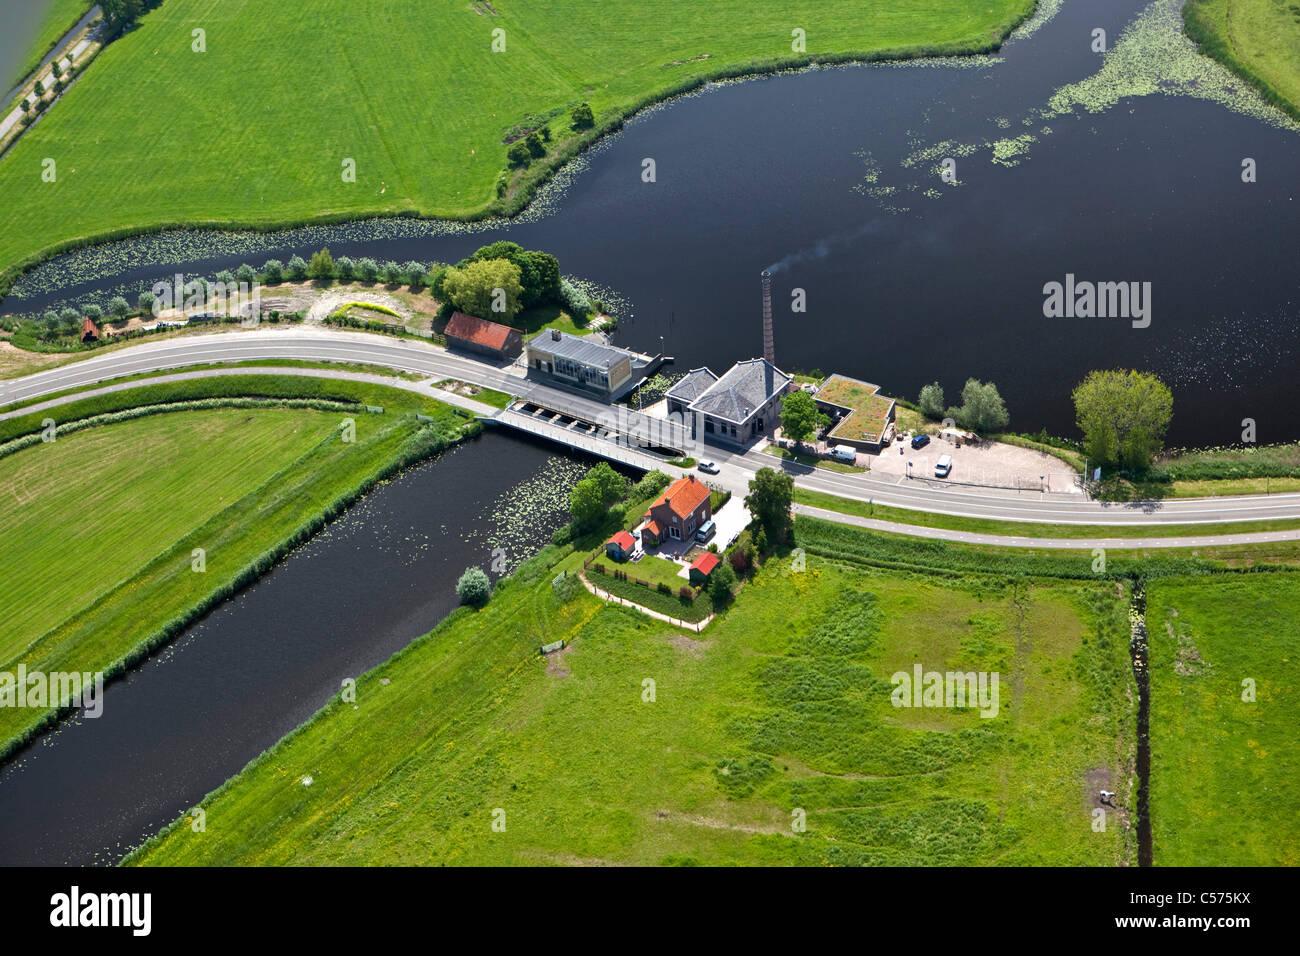 Niederlande, Genemuiden, monumentale dampfgetriebenen Pumpen-Station, genannt Mastenbroek. Konstruierten 1856. Luft. Stockbild